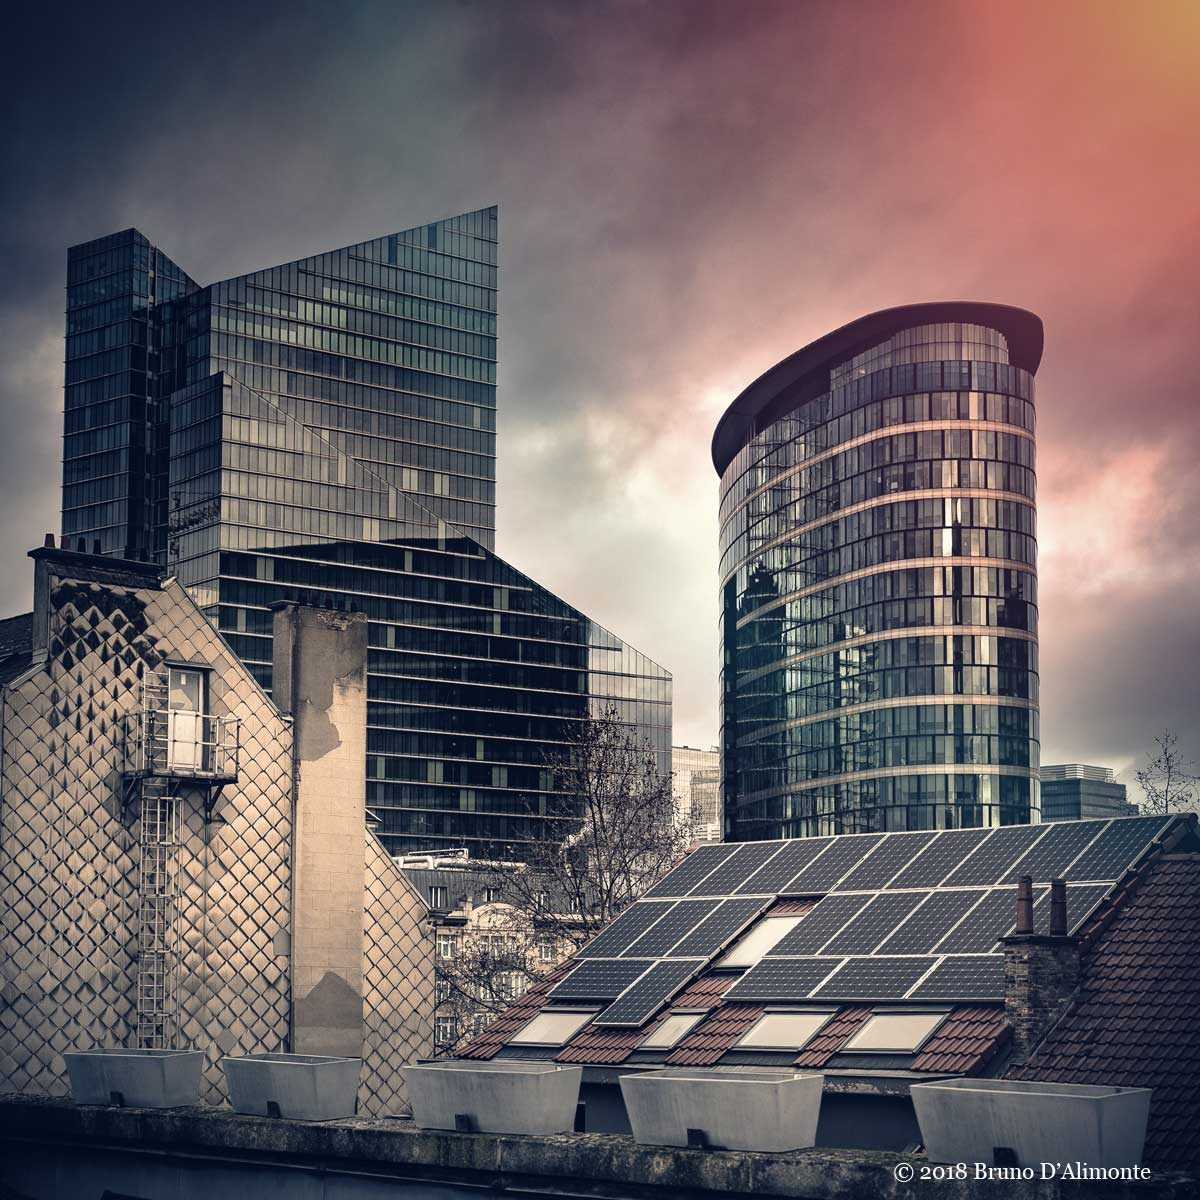 photographie de la tour Rogier et de la tour Covent Garden à Bruxelles depuis une terrasse de la rue du Marais. Devant des maisons anciennes avec une toiture recouverte de panneaux solaires. copyright 2018 Bruno D